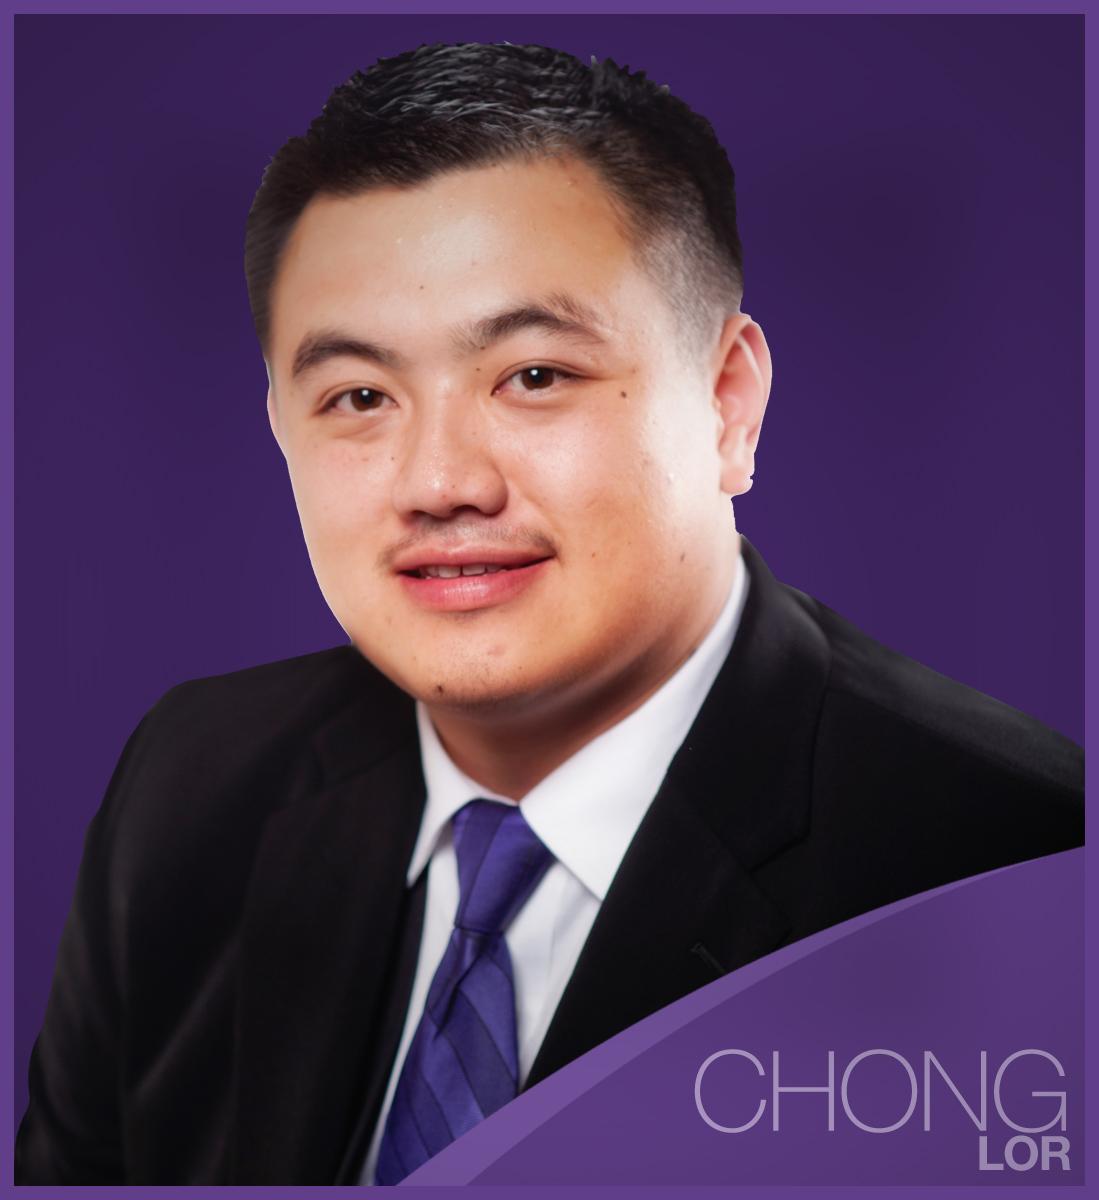 Chong Lor